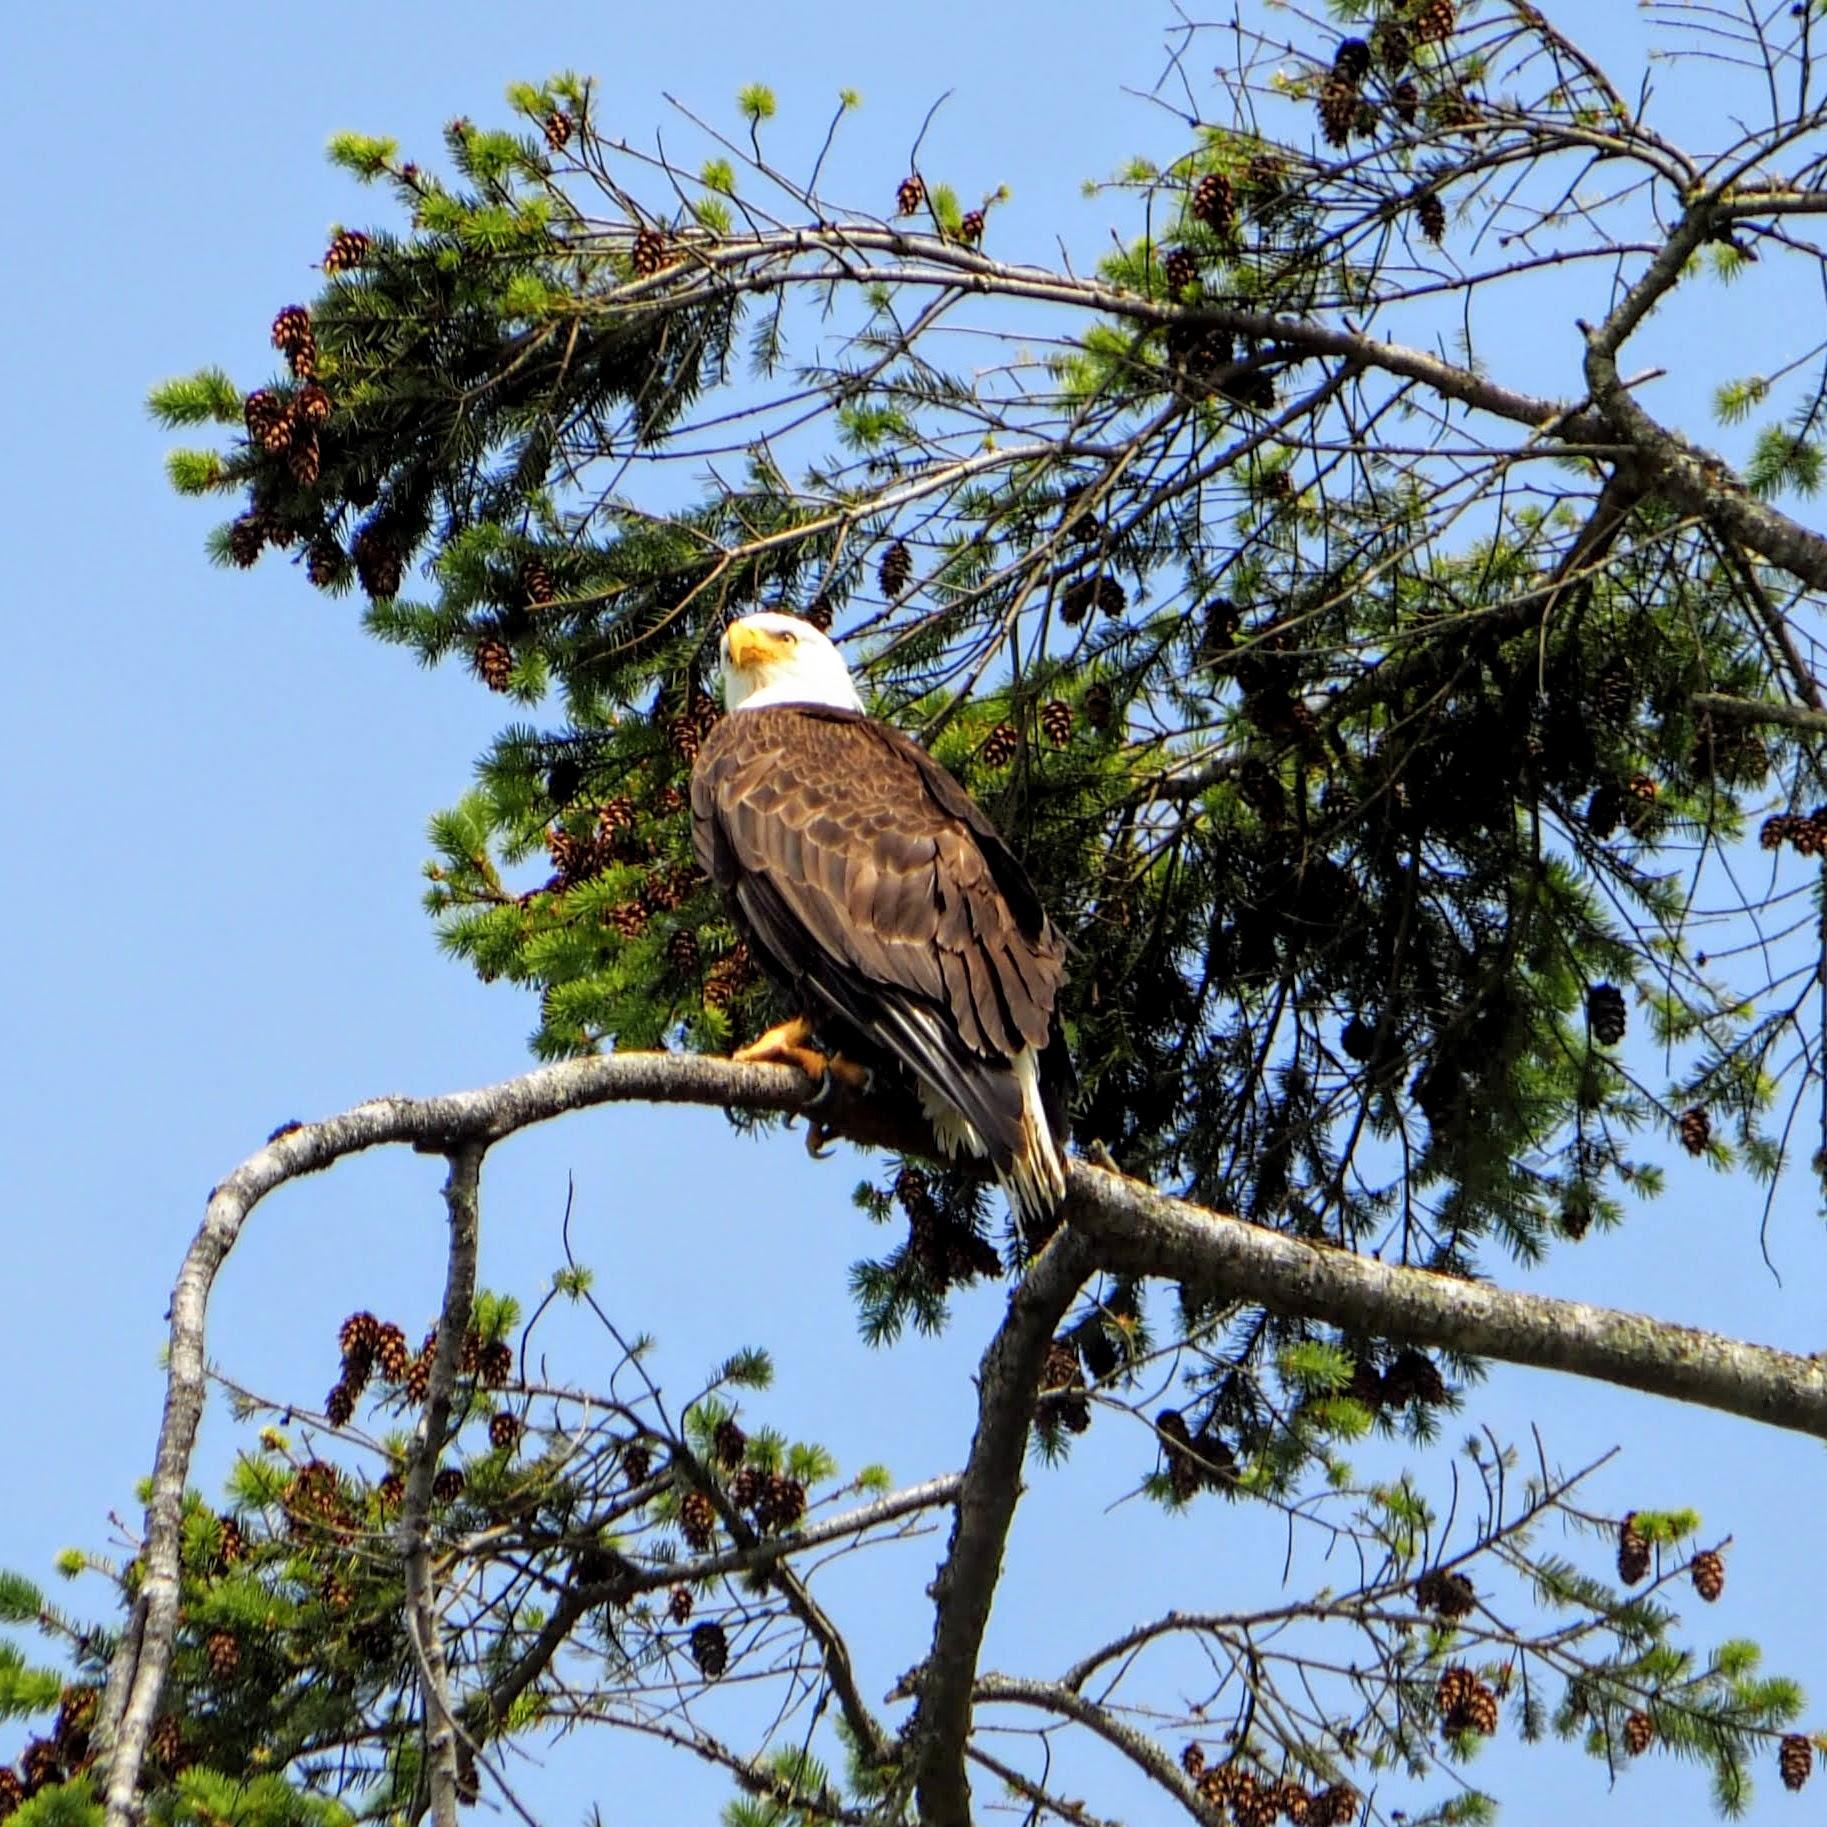 The Eagles of Fort Flagler, Washington